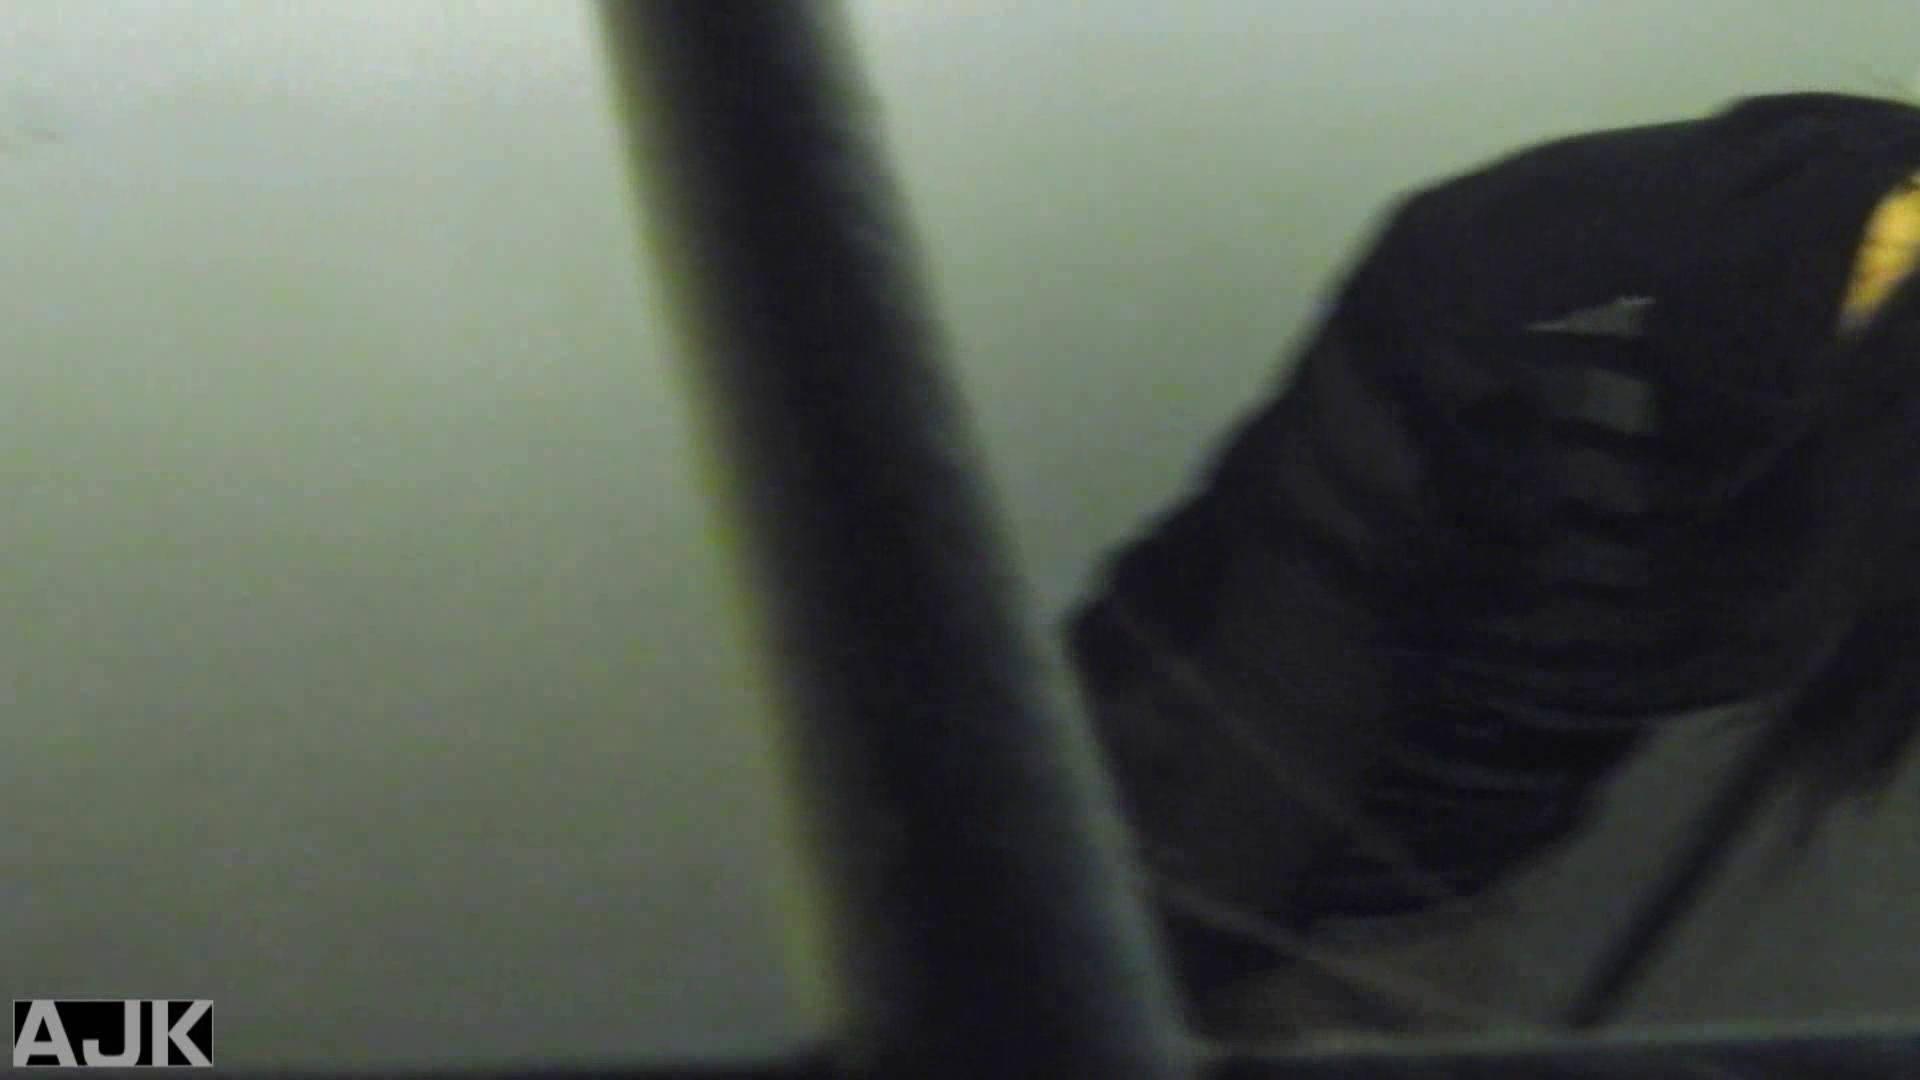 神降臨!史上最強の潜入かわや! vol.22 オマンコ 盗撮セックス無修正動画無料 98連発 97